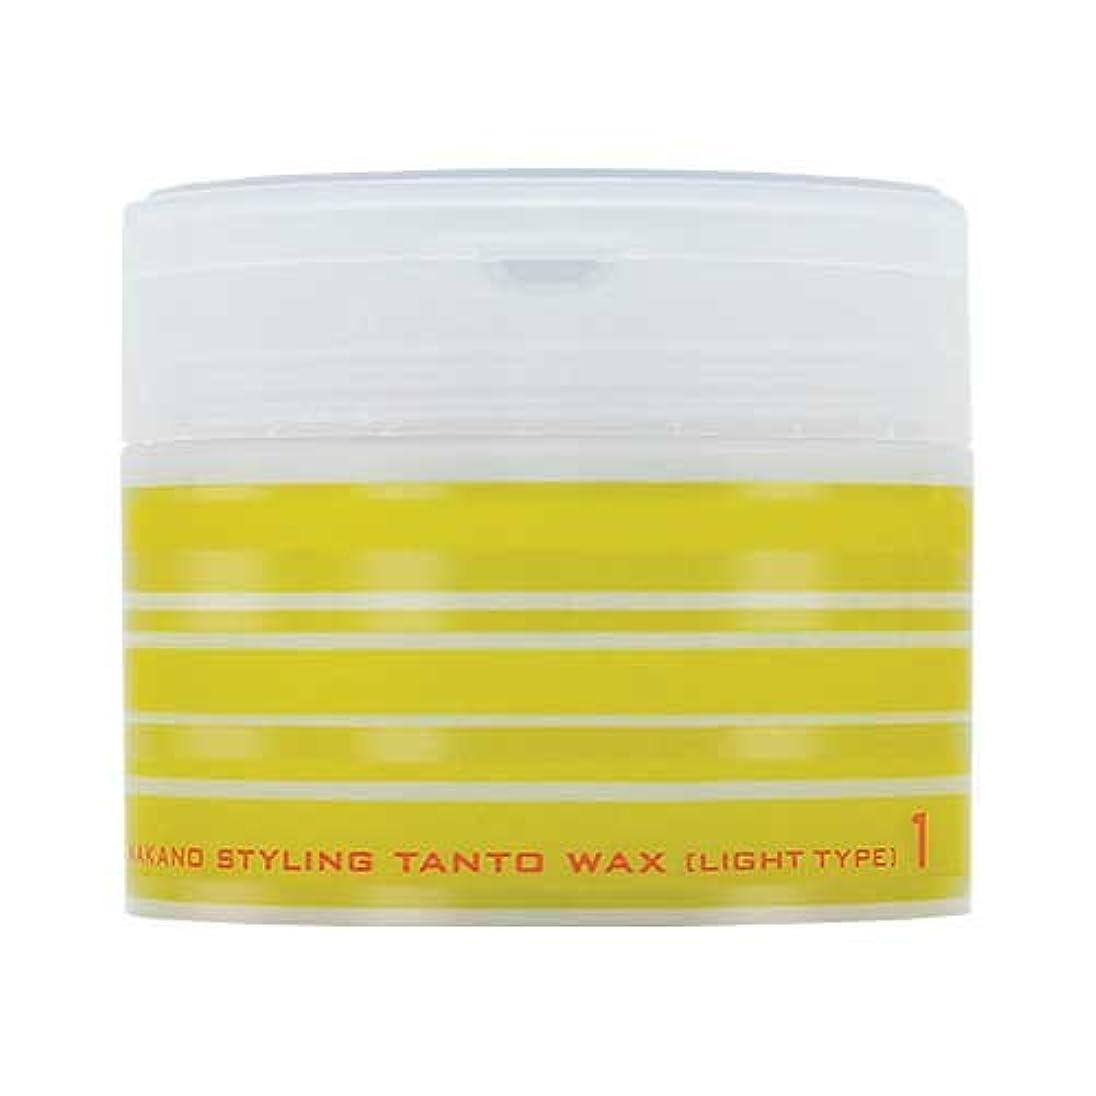 許される最適クレジットナカノ スタイリング タントN ワックス 1 ライトタイプ 90g 中野製薬 NAKANO